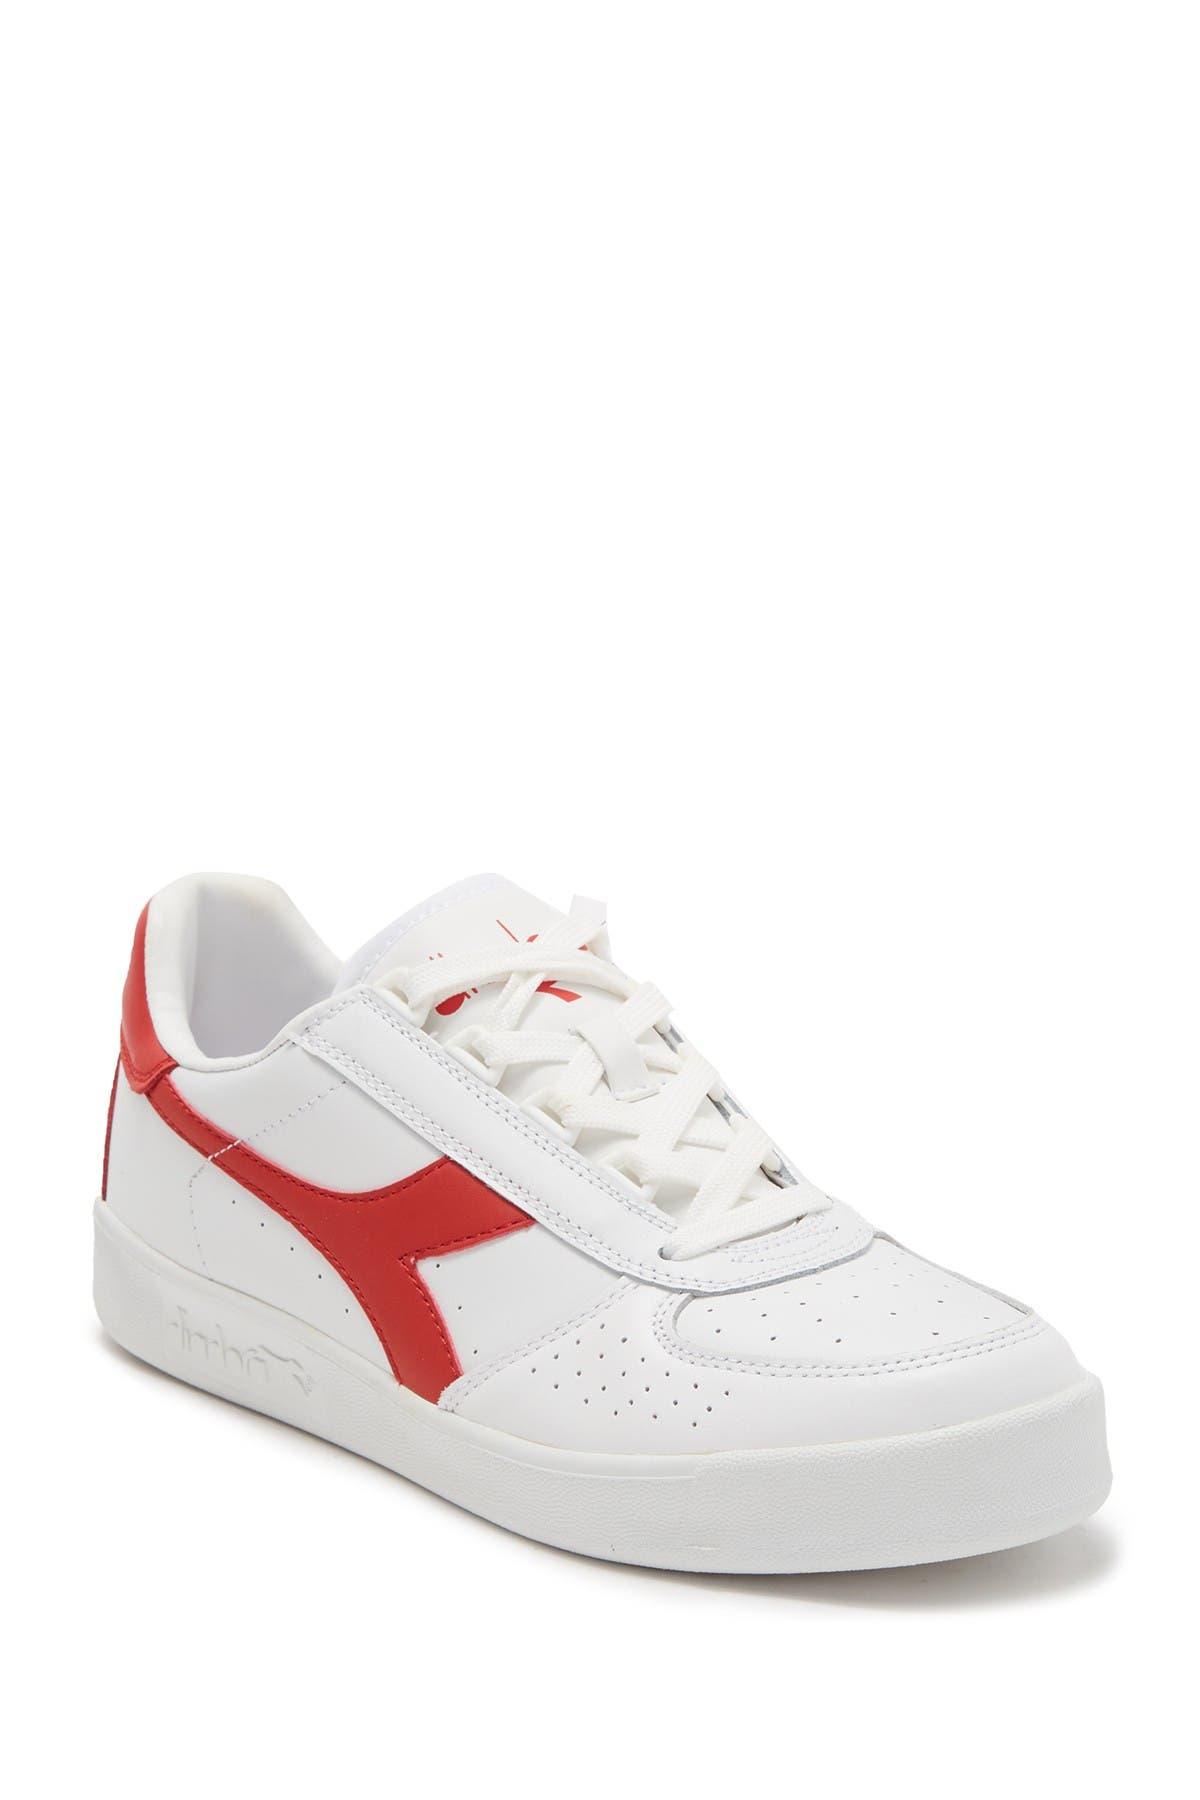 Diadora   B. Elite Leather Sneaker